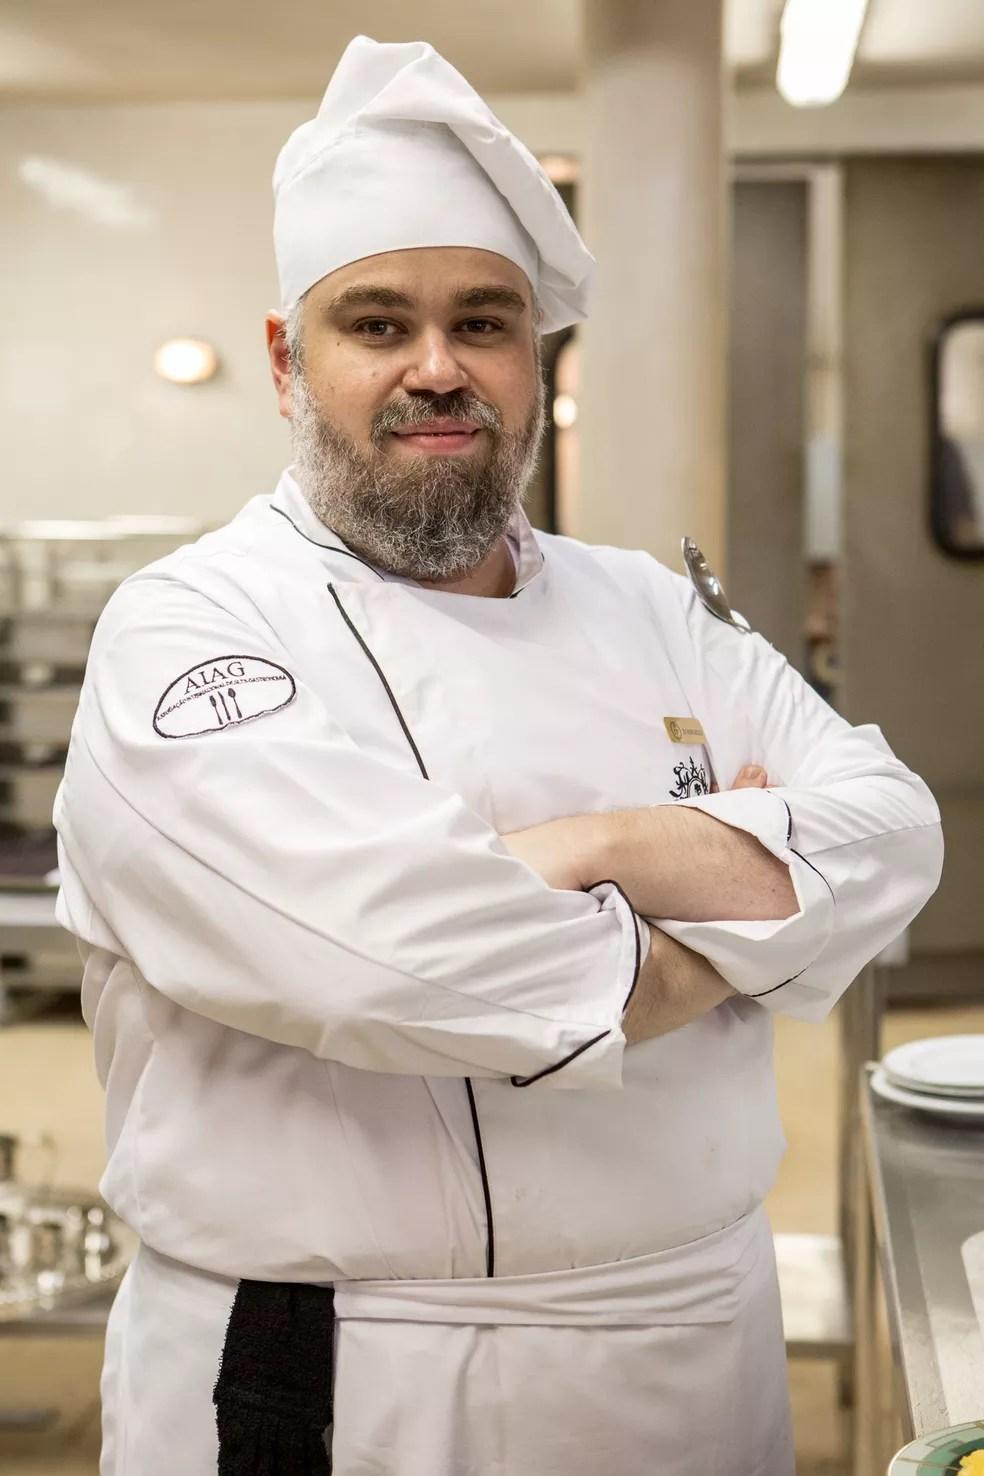 Chef D'Angelo cuida para que tudo saia bem na cozinha do Carioca Palace (Foto: Rafael Lima/Divulgação)